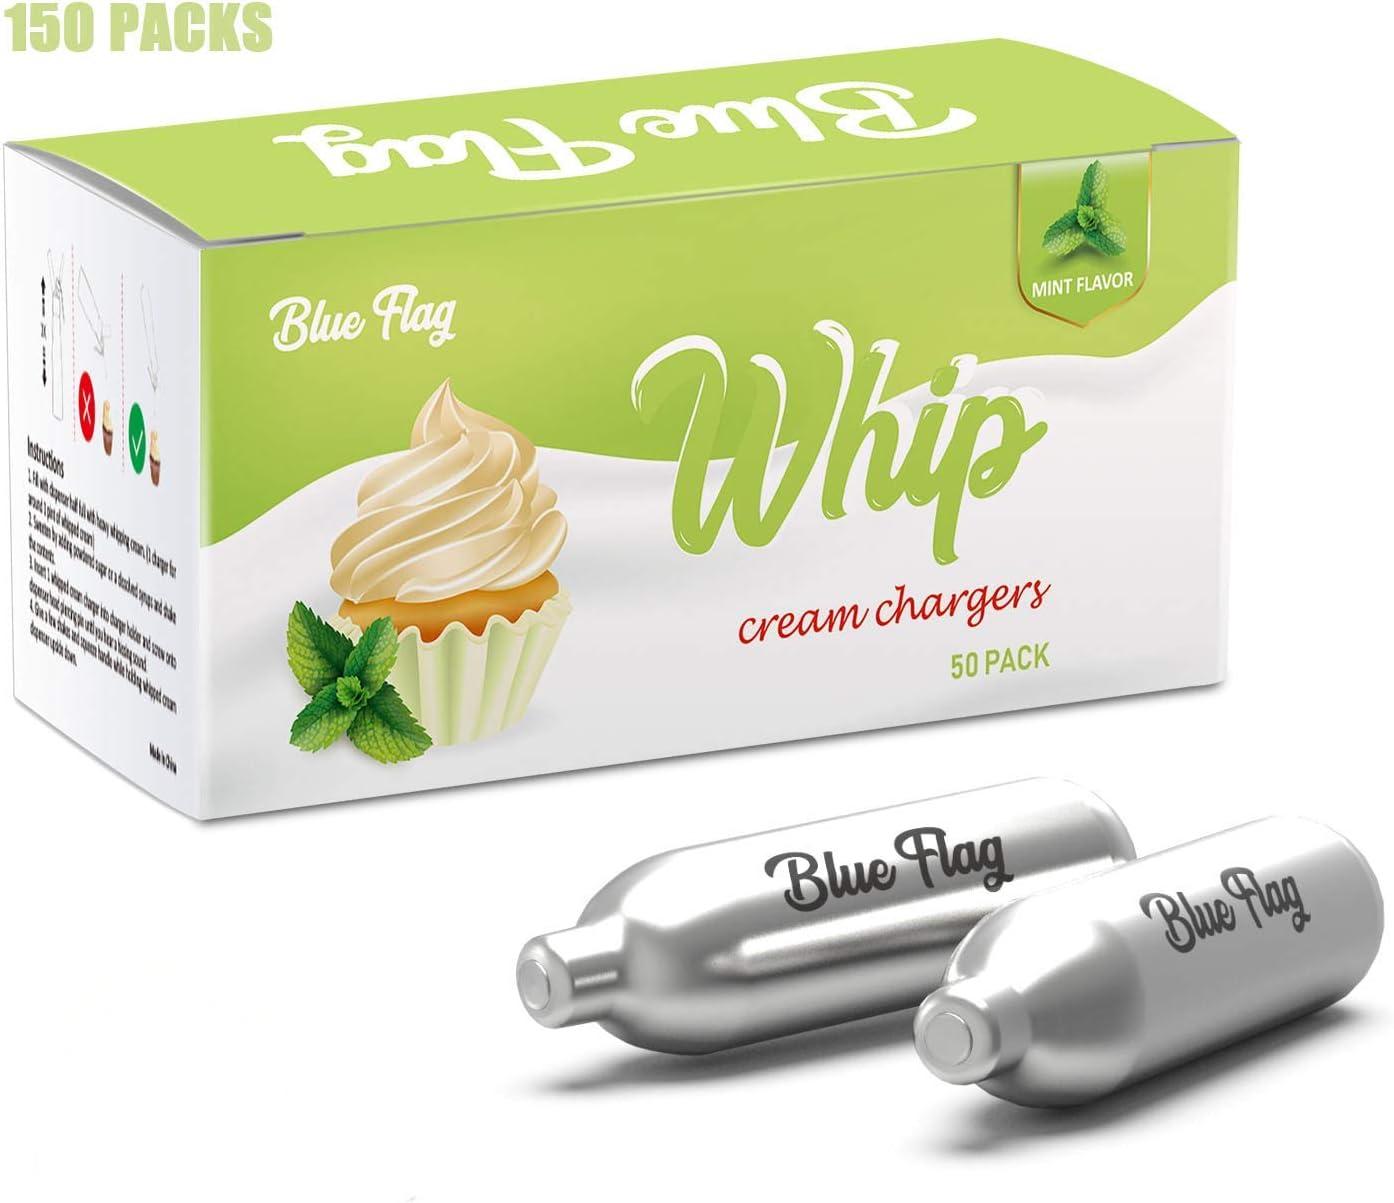 BLUE FLAG Mint Flavor 8 Gram Whipped Cream Charger Nitrous Oxide Cartridges for Whipped Cream Dispenser 150 Pack